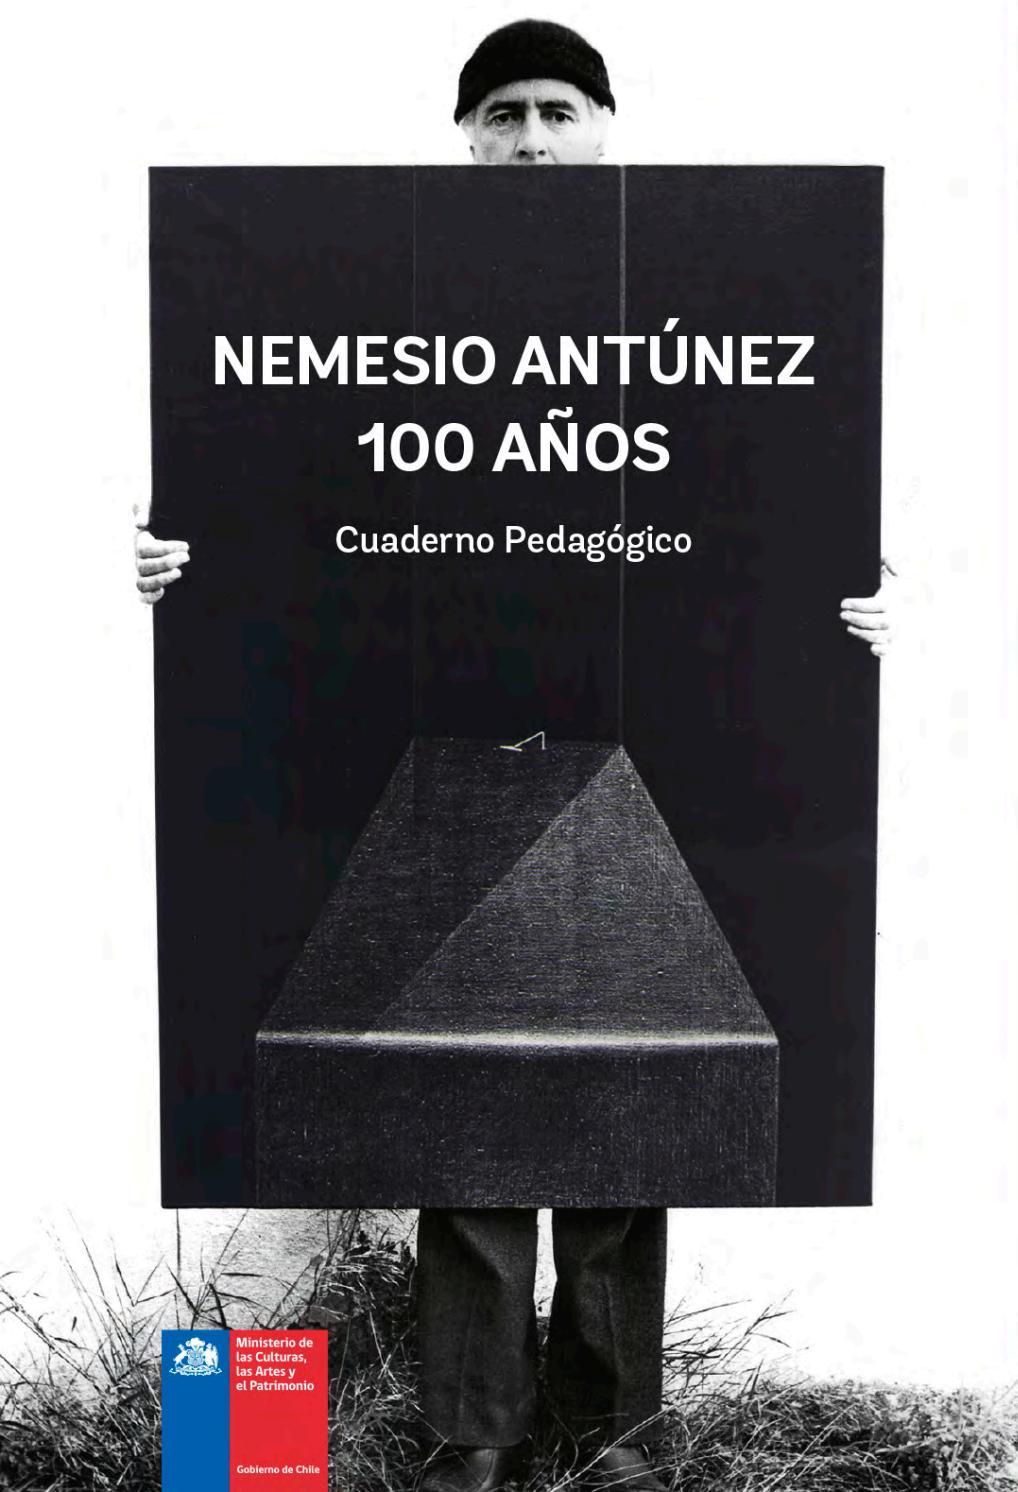 Cuaderno Pedagógico Nemesio Antúnez 100 Años By Ministerio De Las Culturas Las Artes Y El Patrimonio Gobierno De Chile Issuu